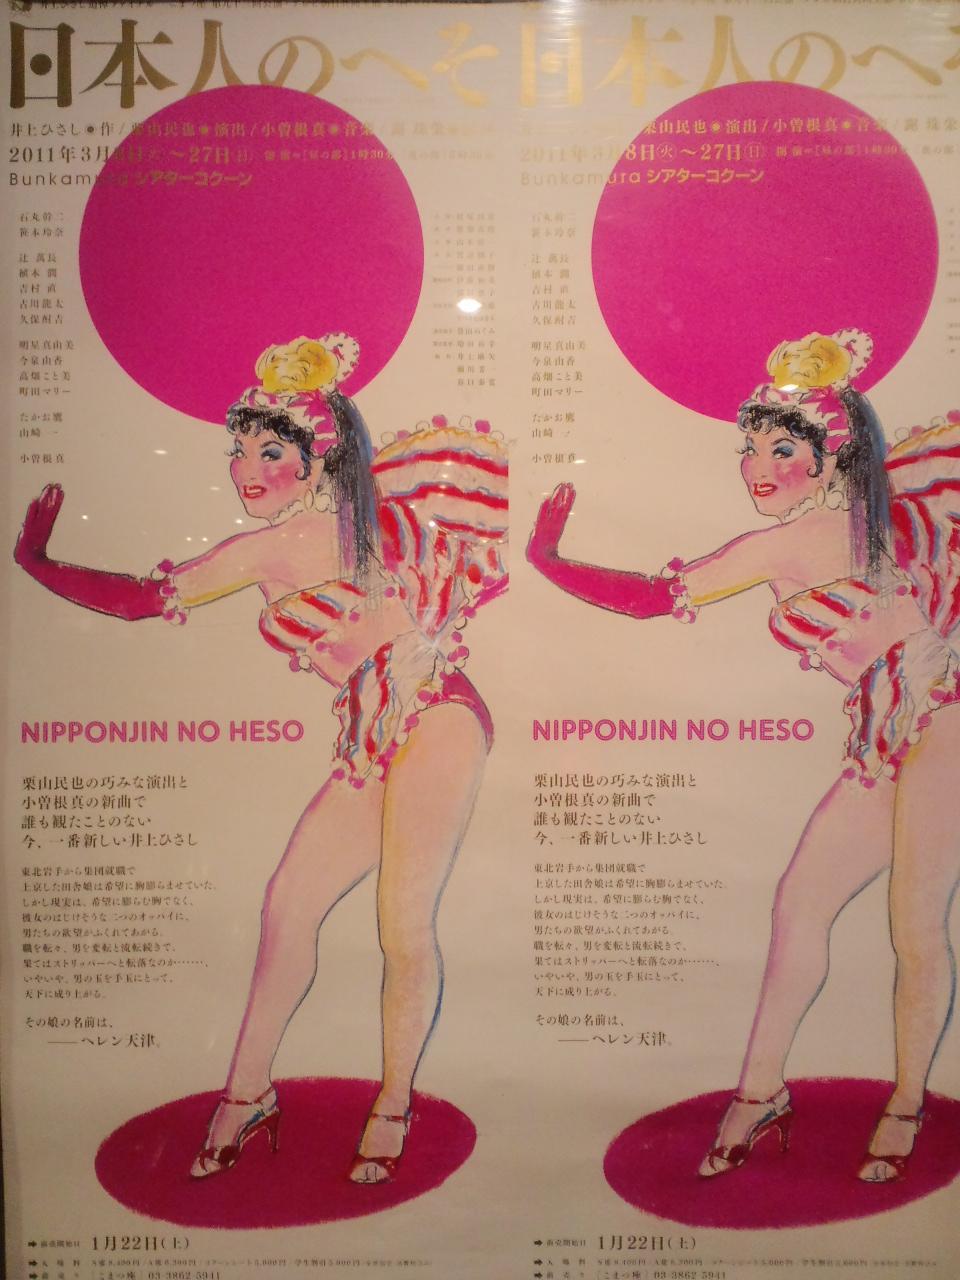 へそ 日本 人 の ミュージカル